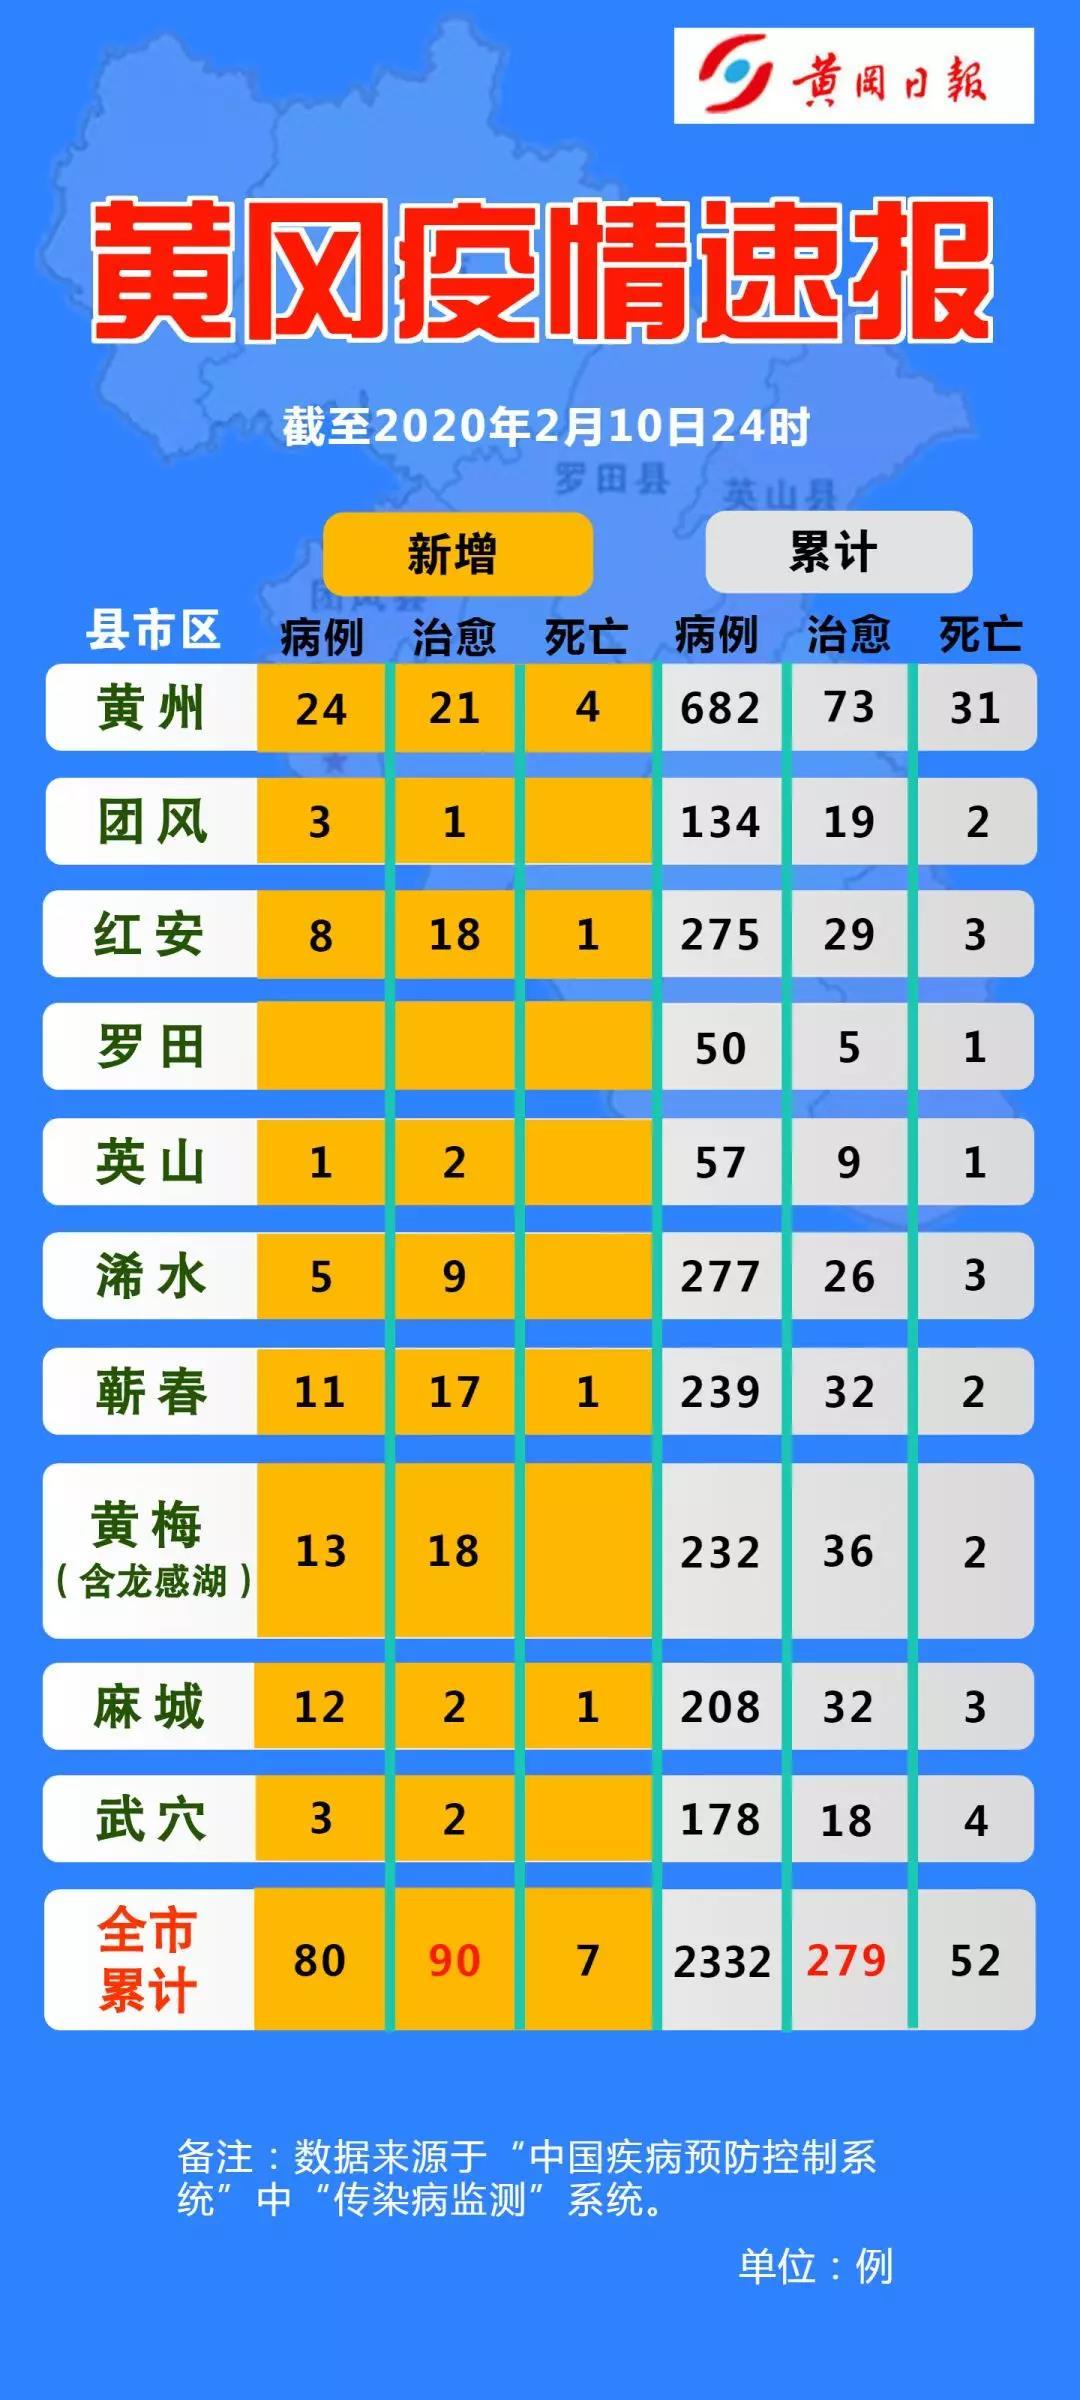 黄冈疫情速报!2020-02-11